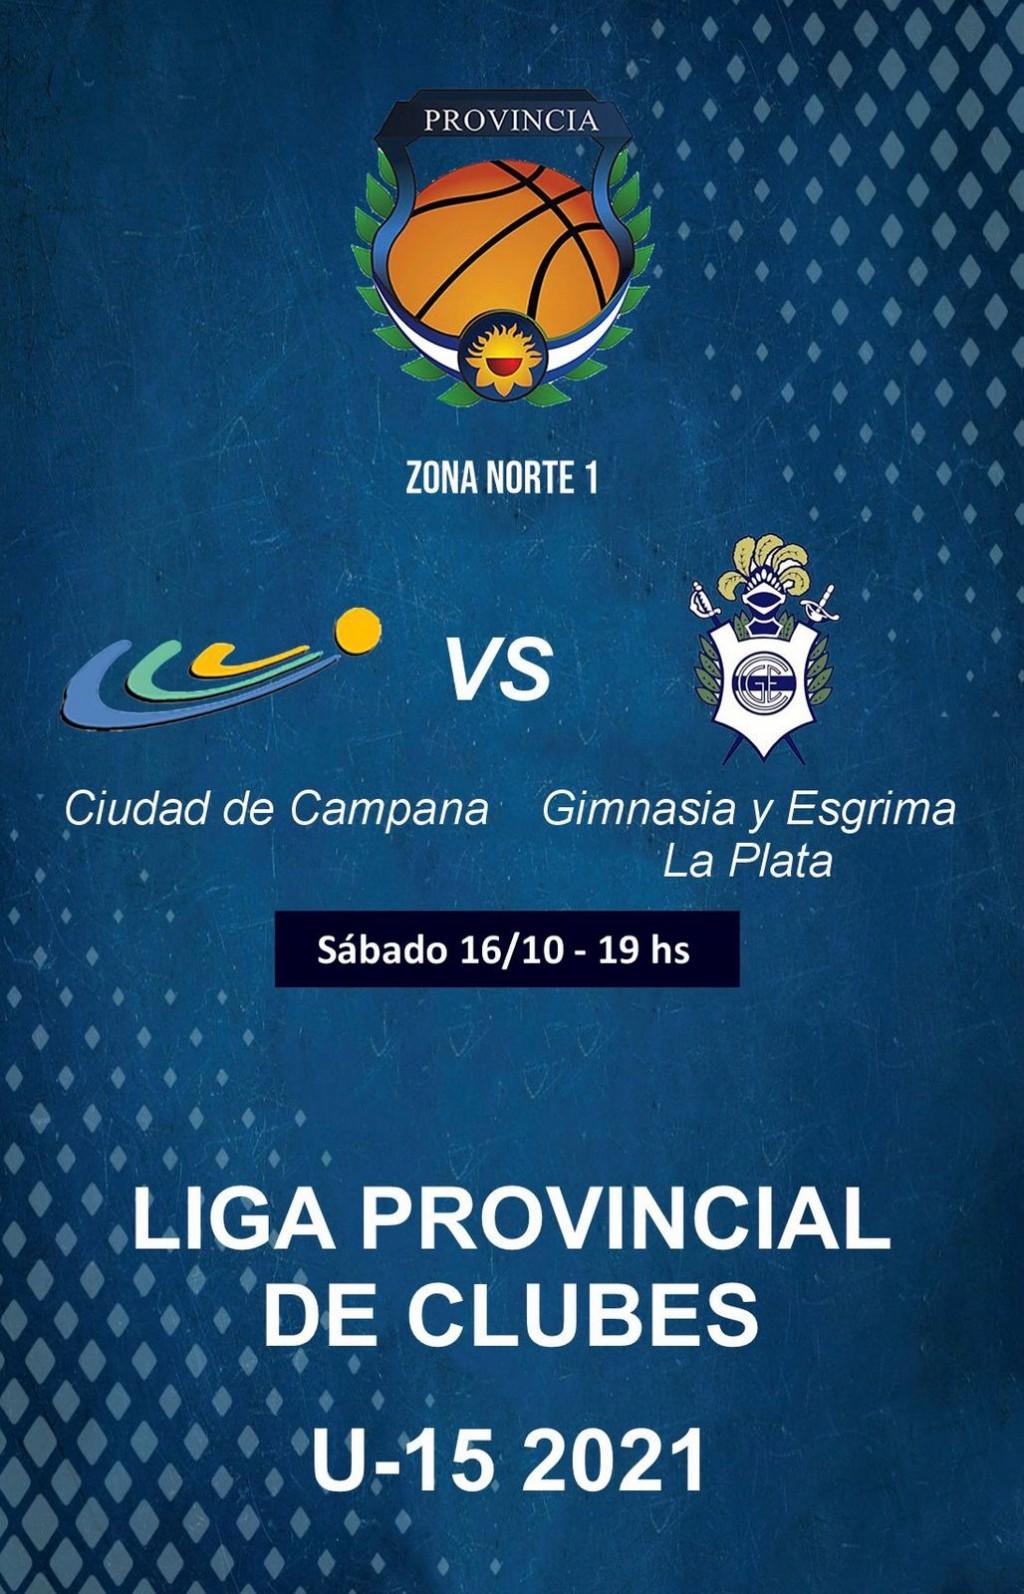 Ciudad de Campana recibe a Gimnasia y Esgrima (La Plata) el sábado